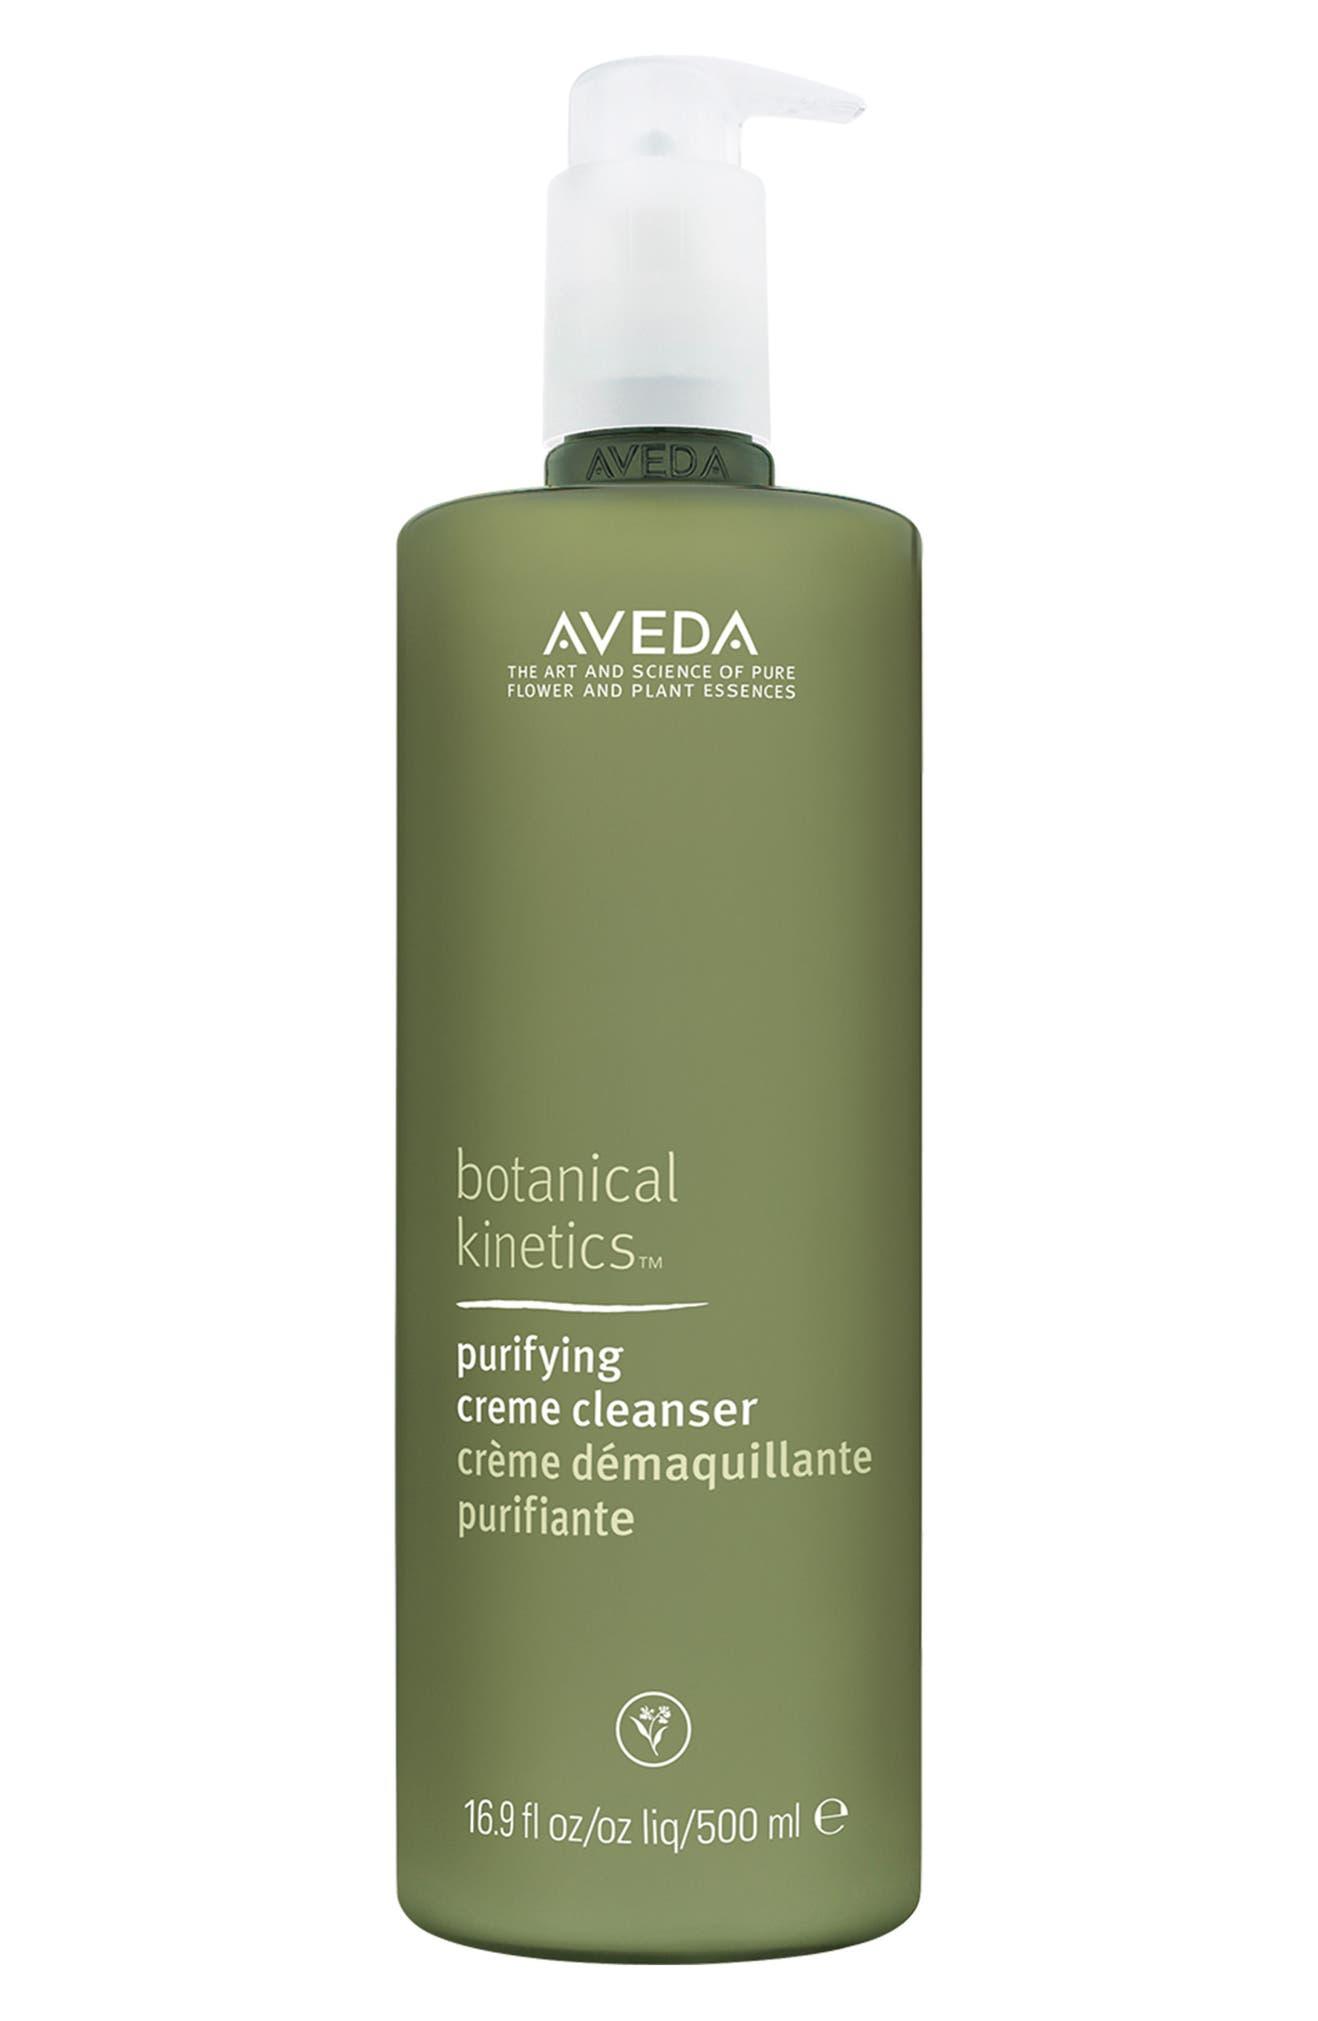 Image result for aveda botanical kinetics cleanser